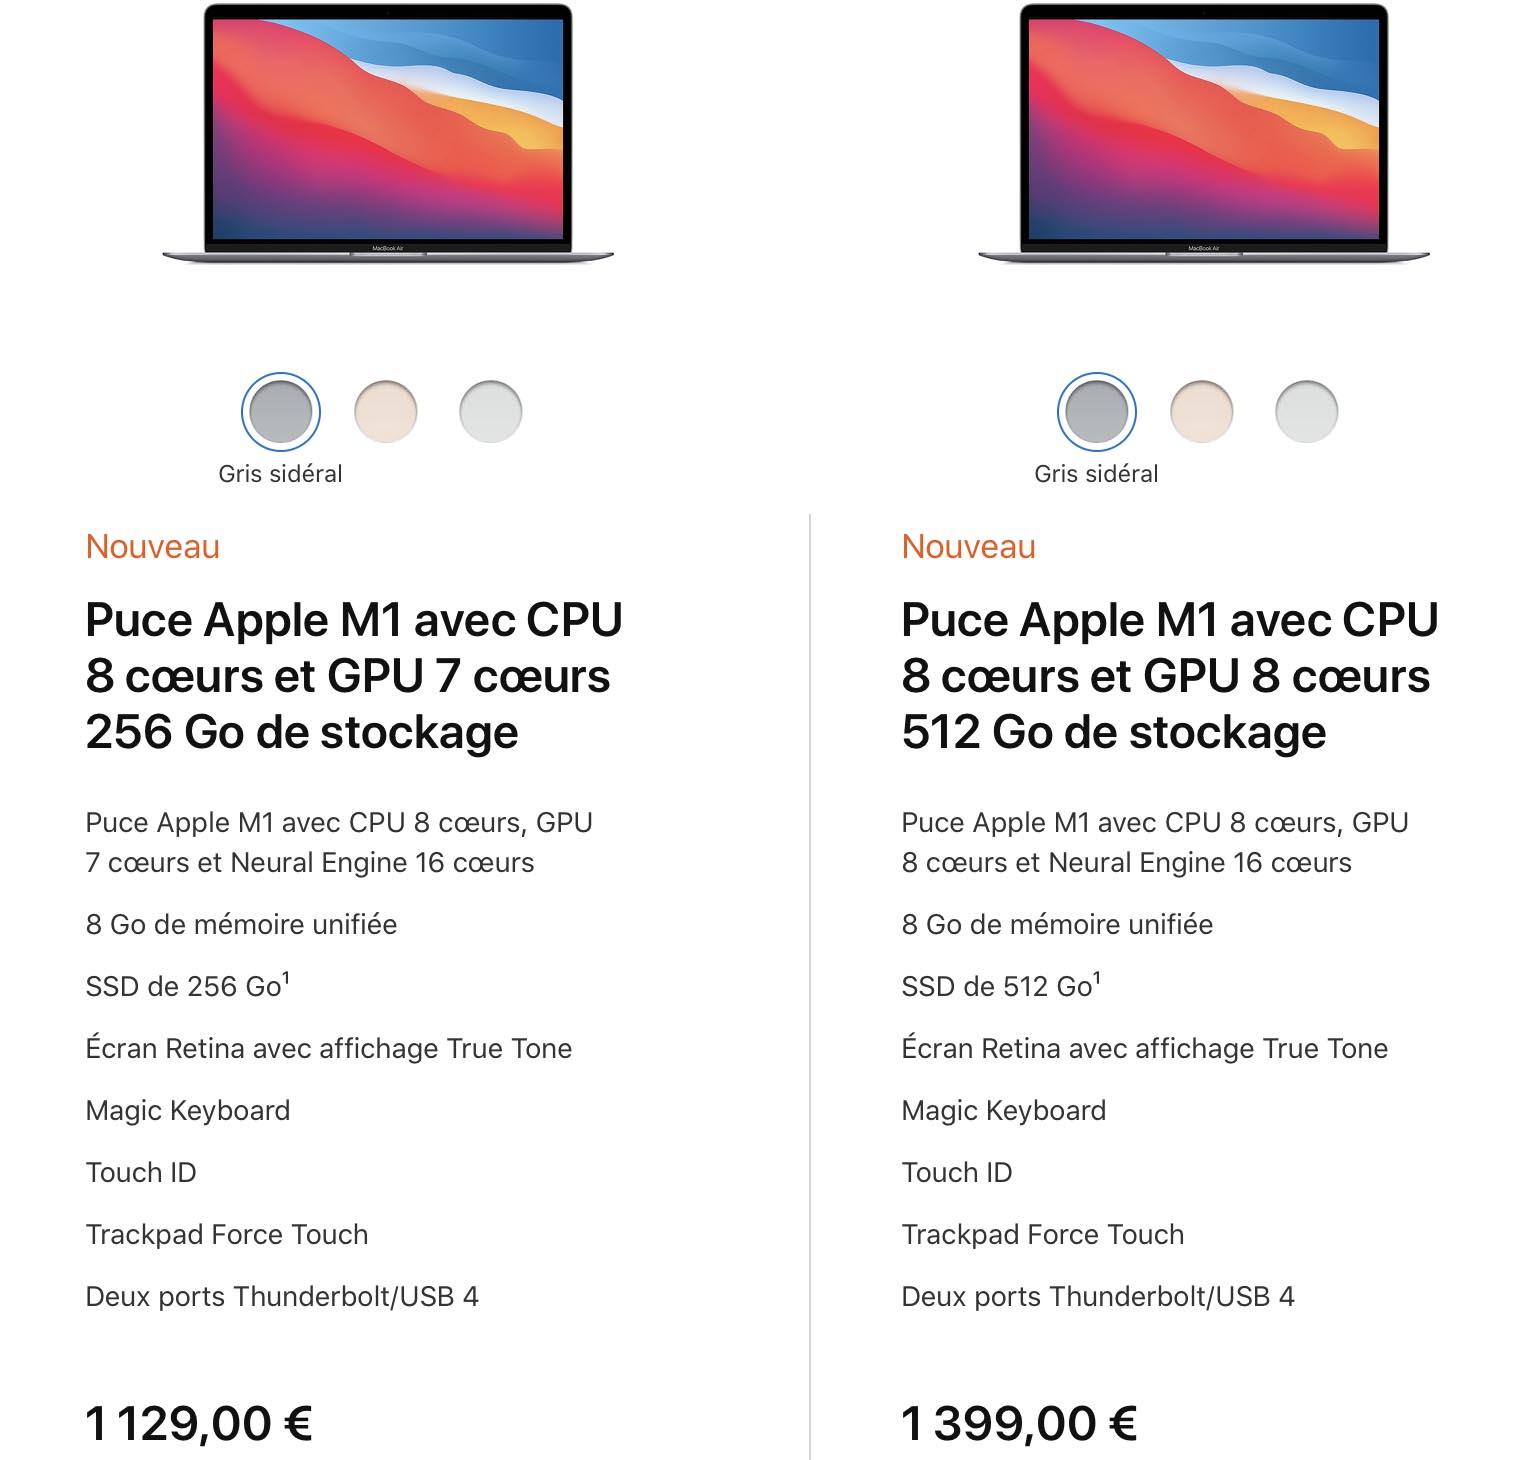 MacBook Air Apple M1 specs